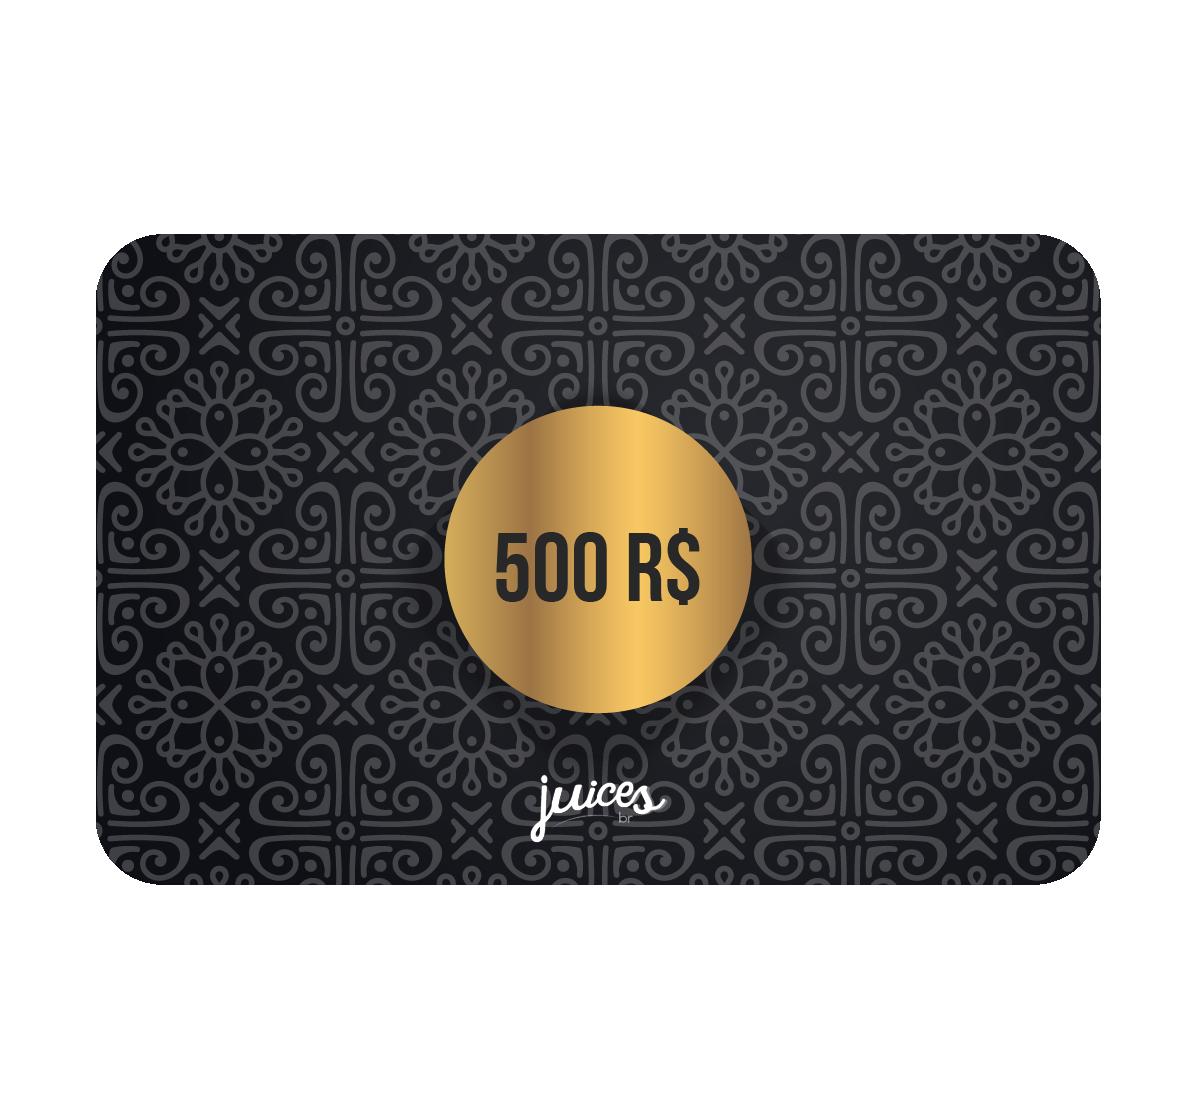 Cartão Presente Online - R$500,00